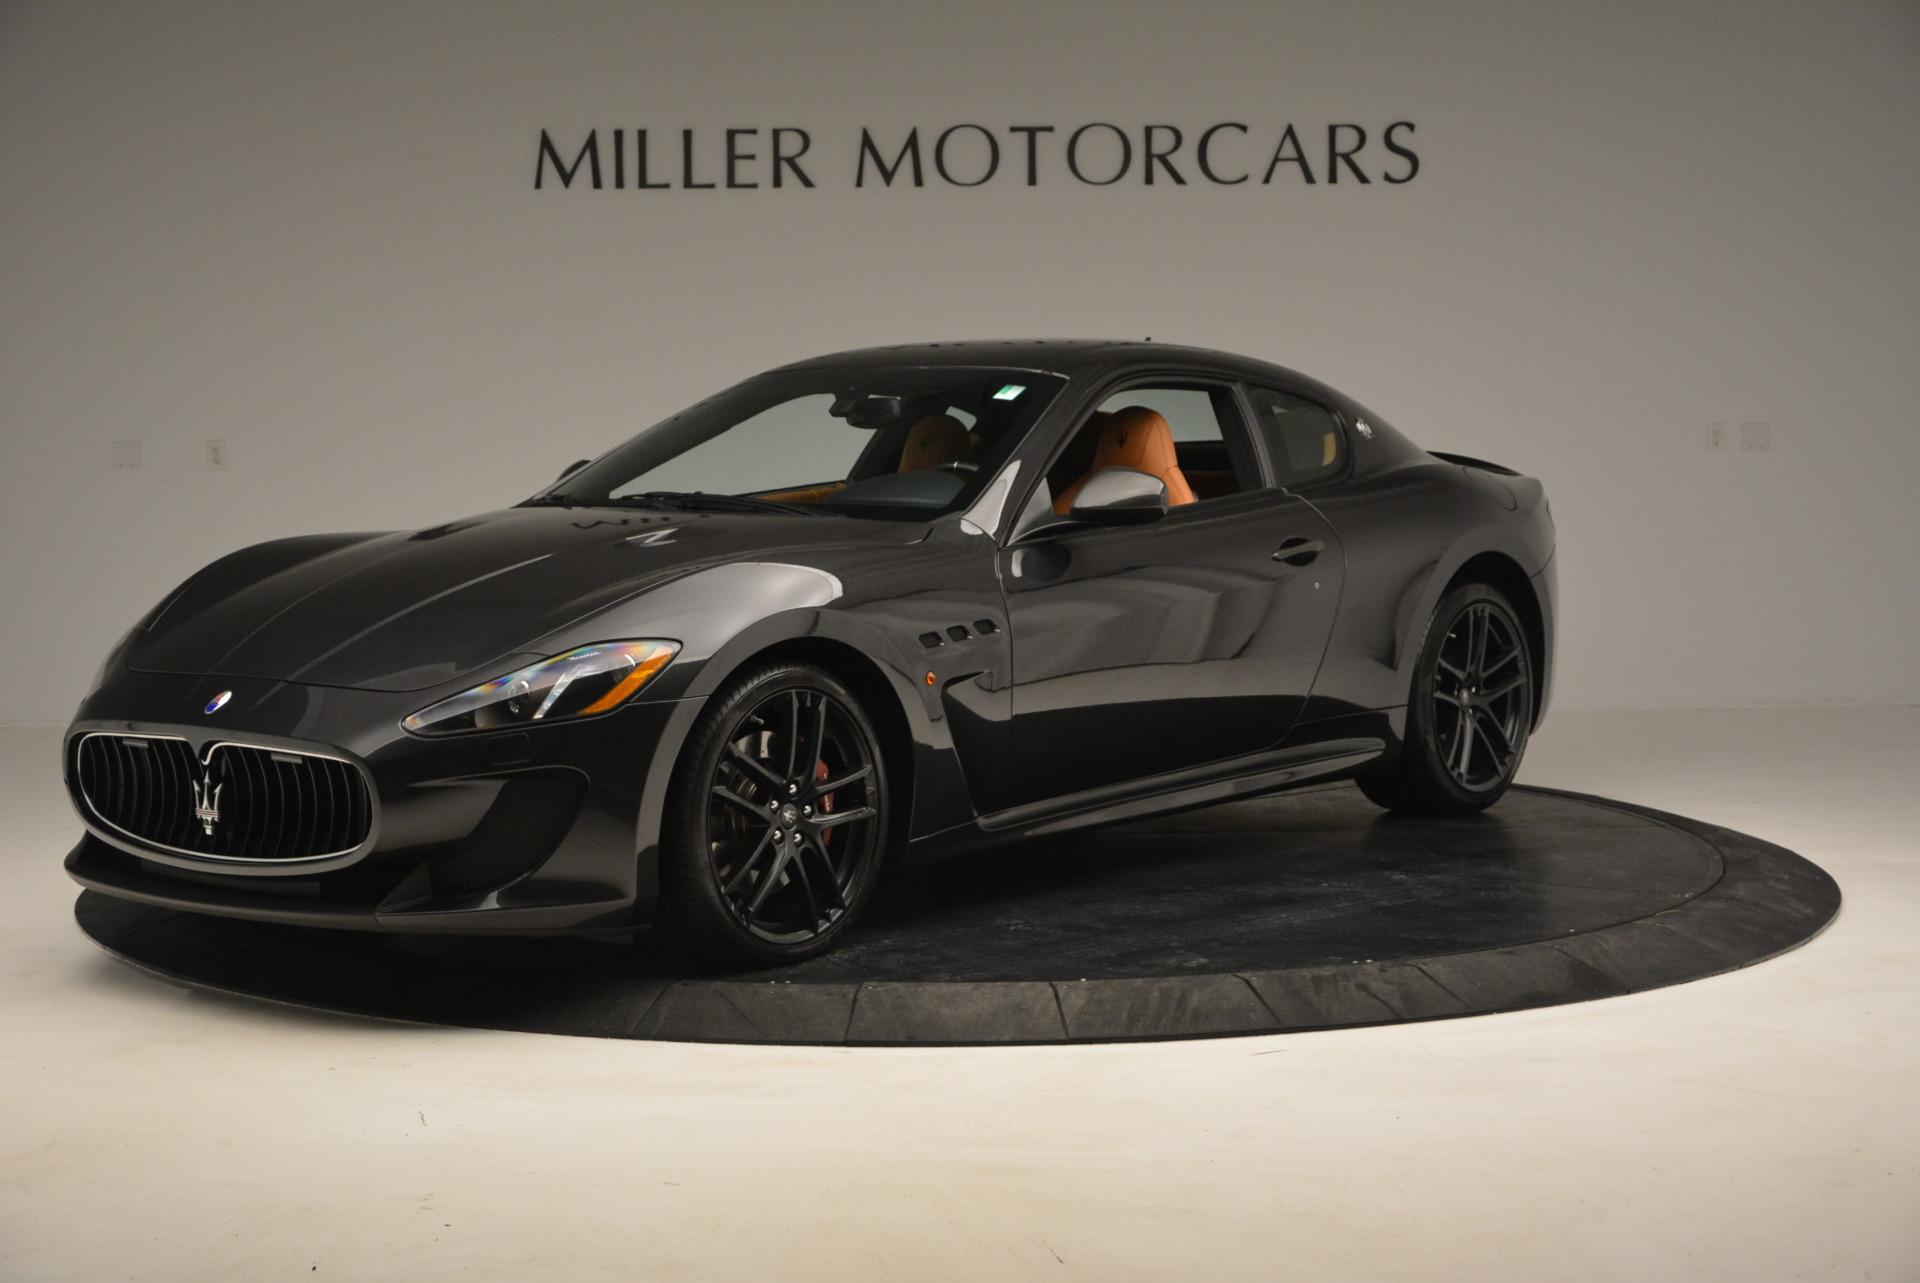 Used 2013 Maserati GranTurismo MC For Sale In Westport, CT 773_p2